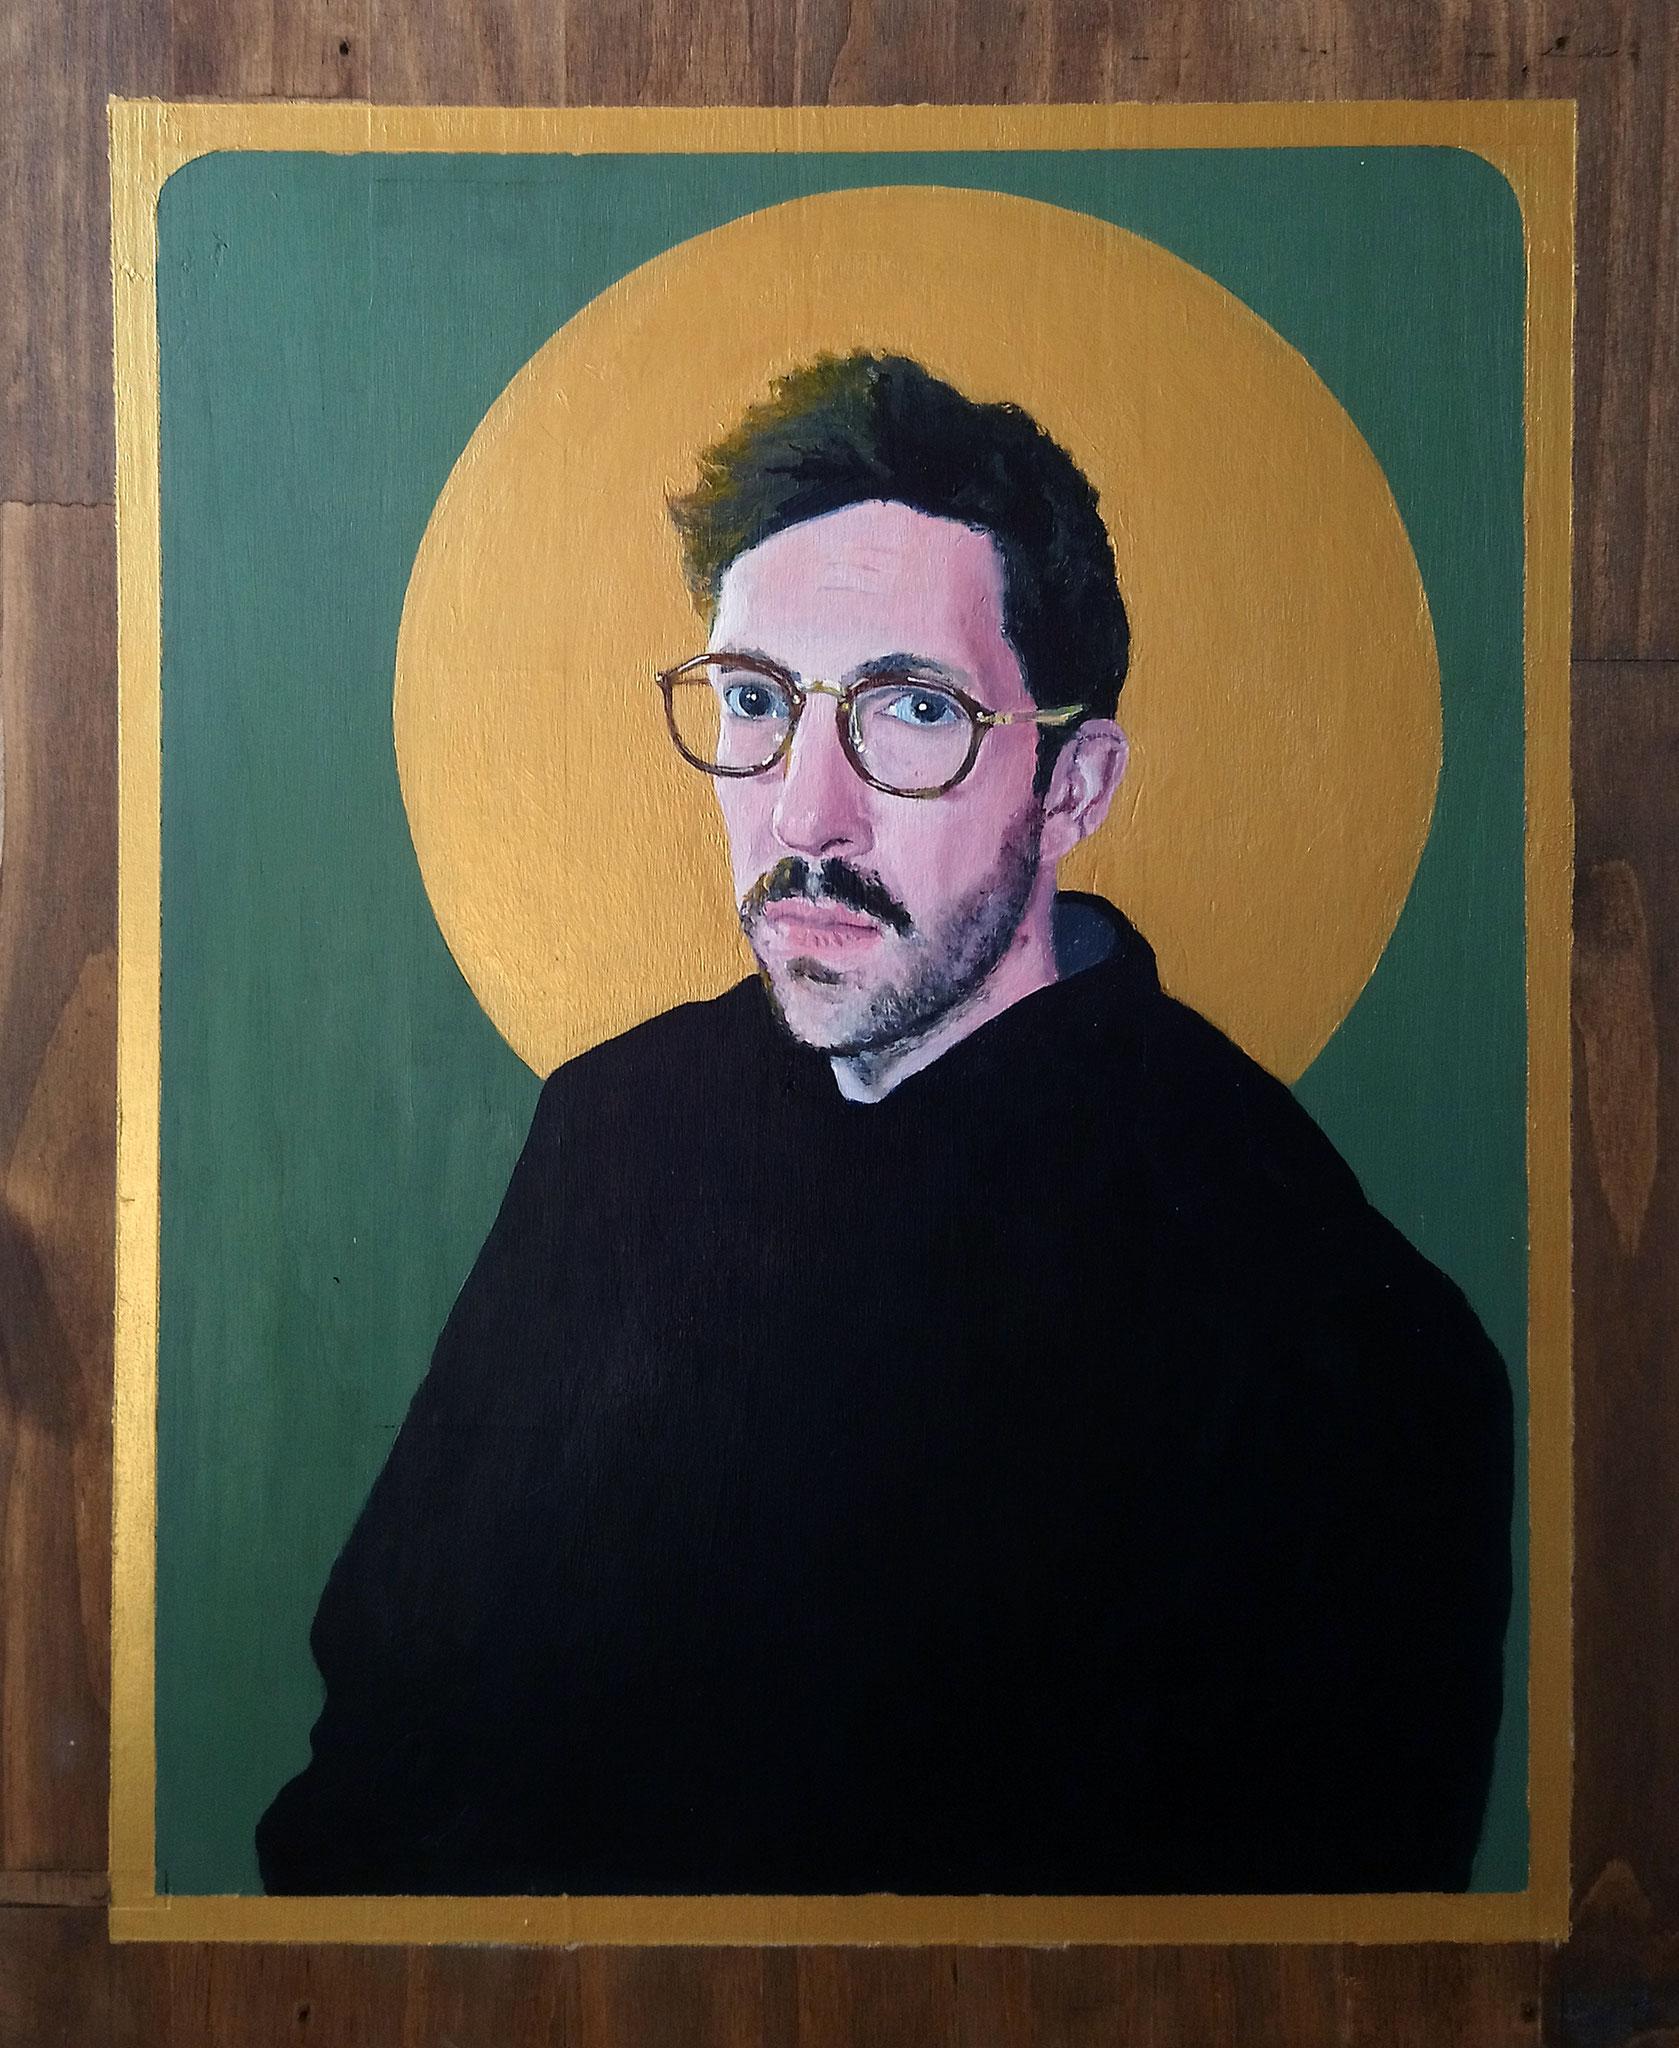 Fabien Gilles, Sacralité, 39,5 cm x 48 cm, acrylique sur bois, 2020.